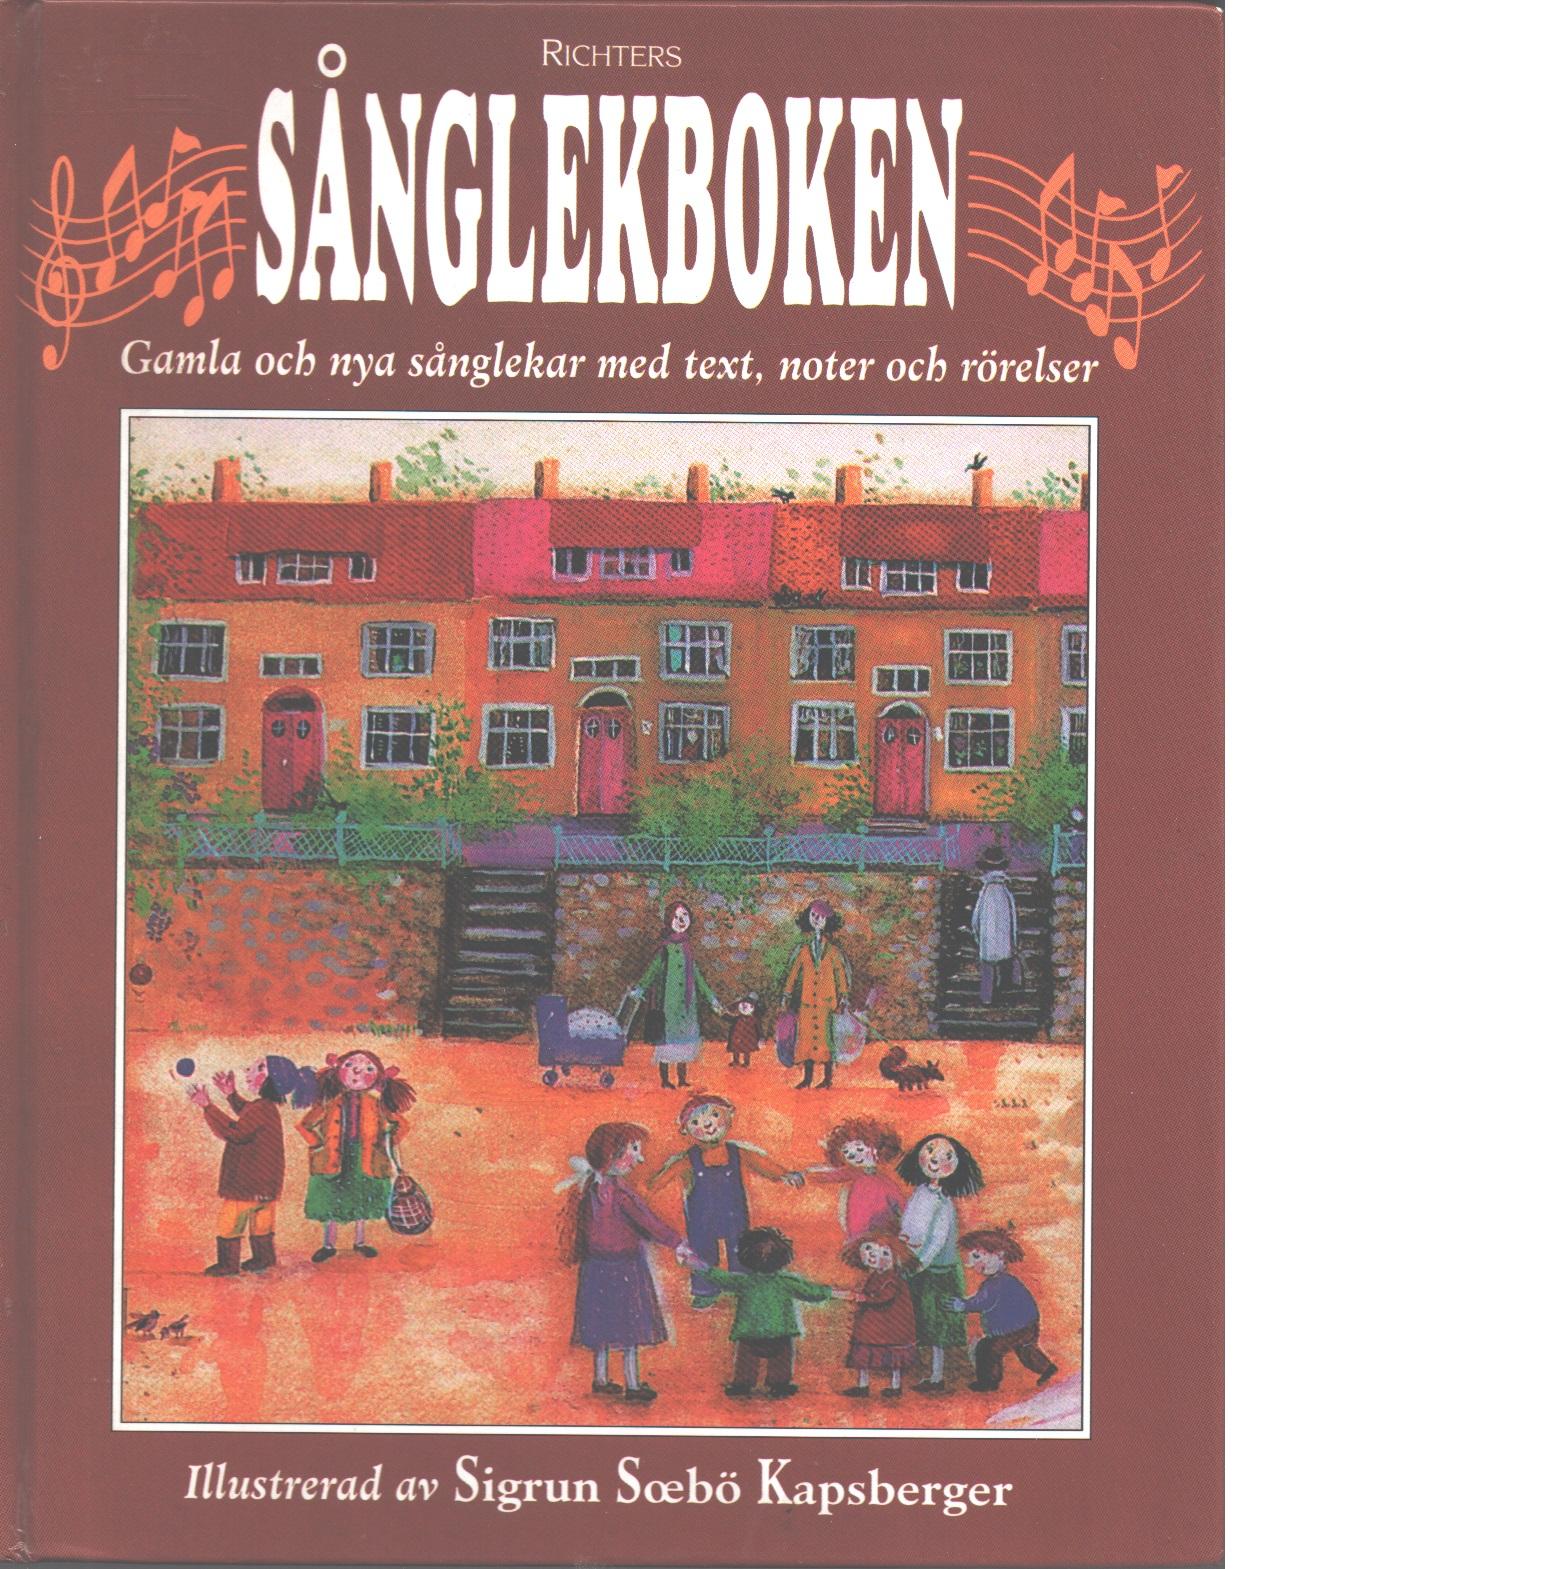 Sånglekboken [Musiktryck] [gamla och nya sånglekar med text, noter och rörelser - Red.